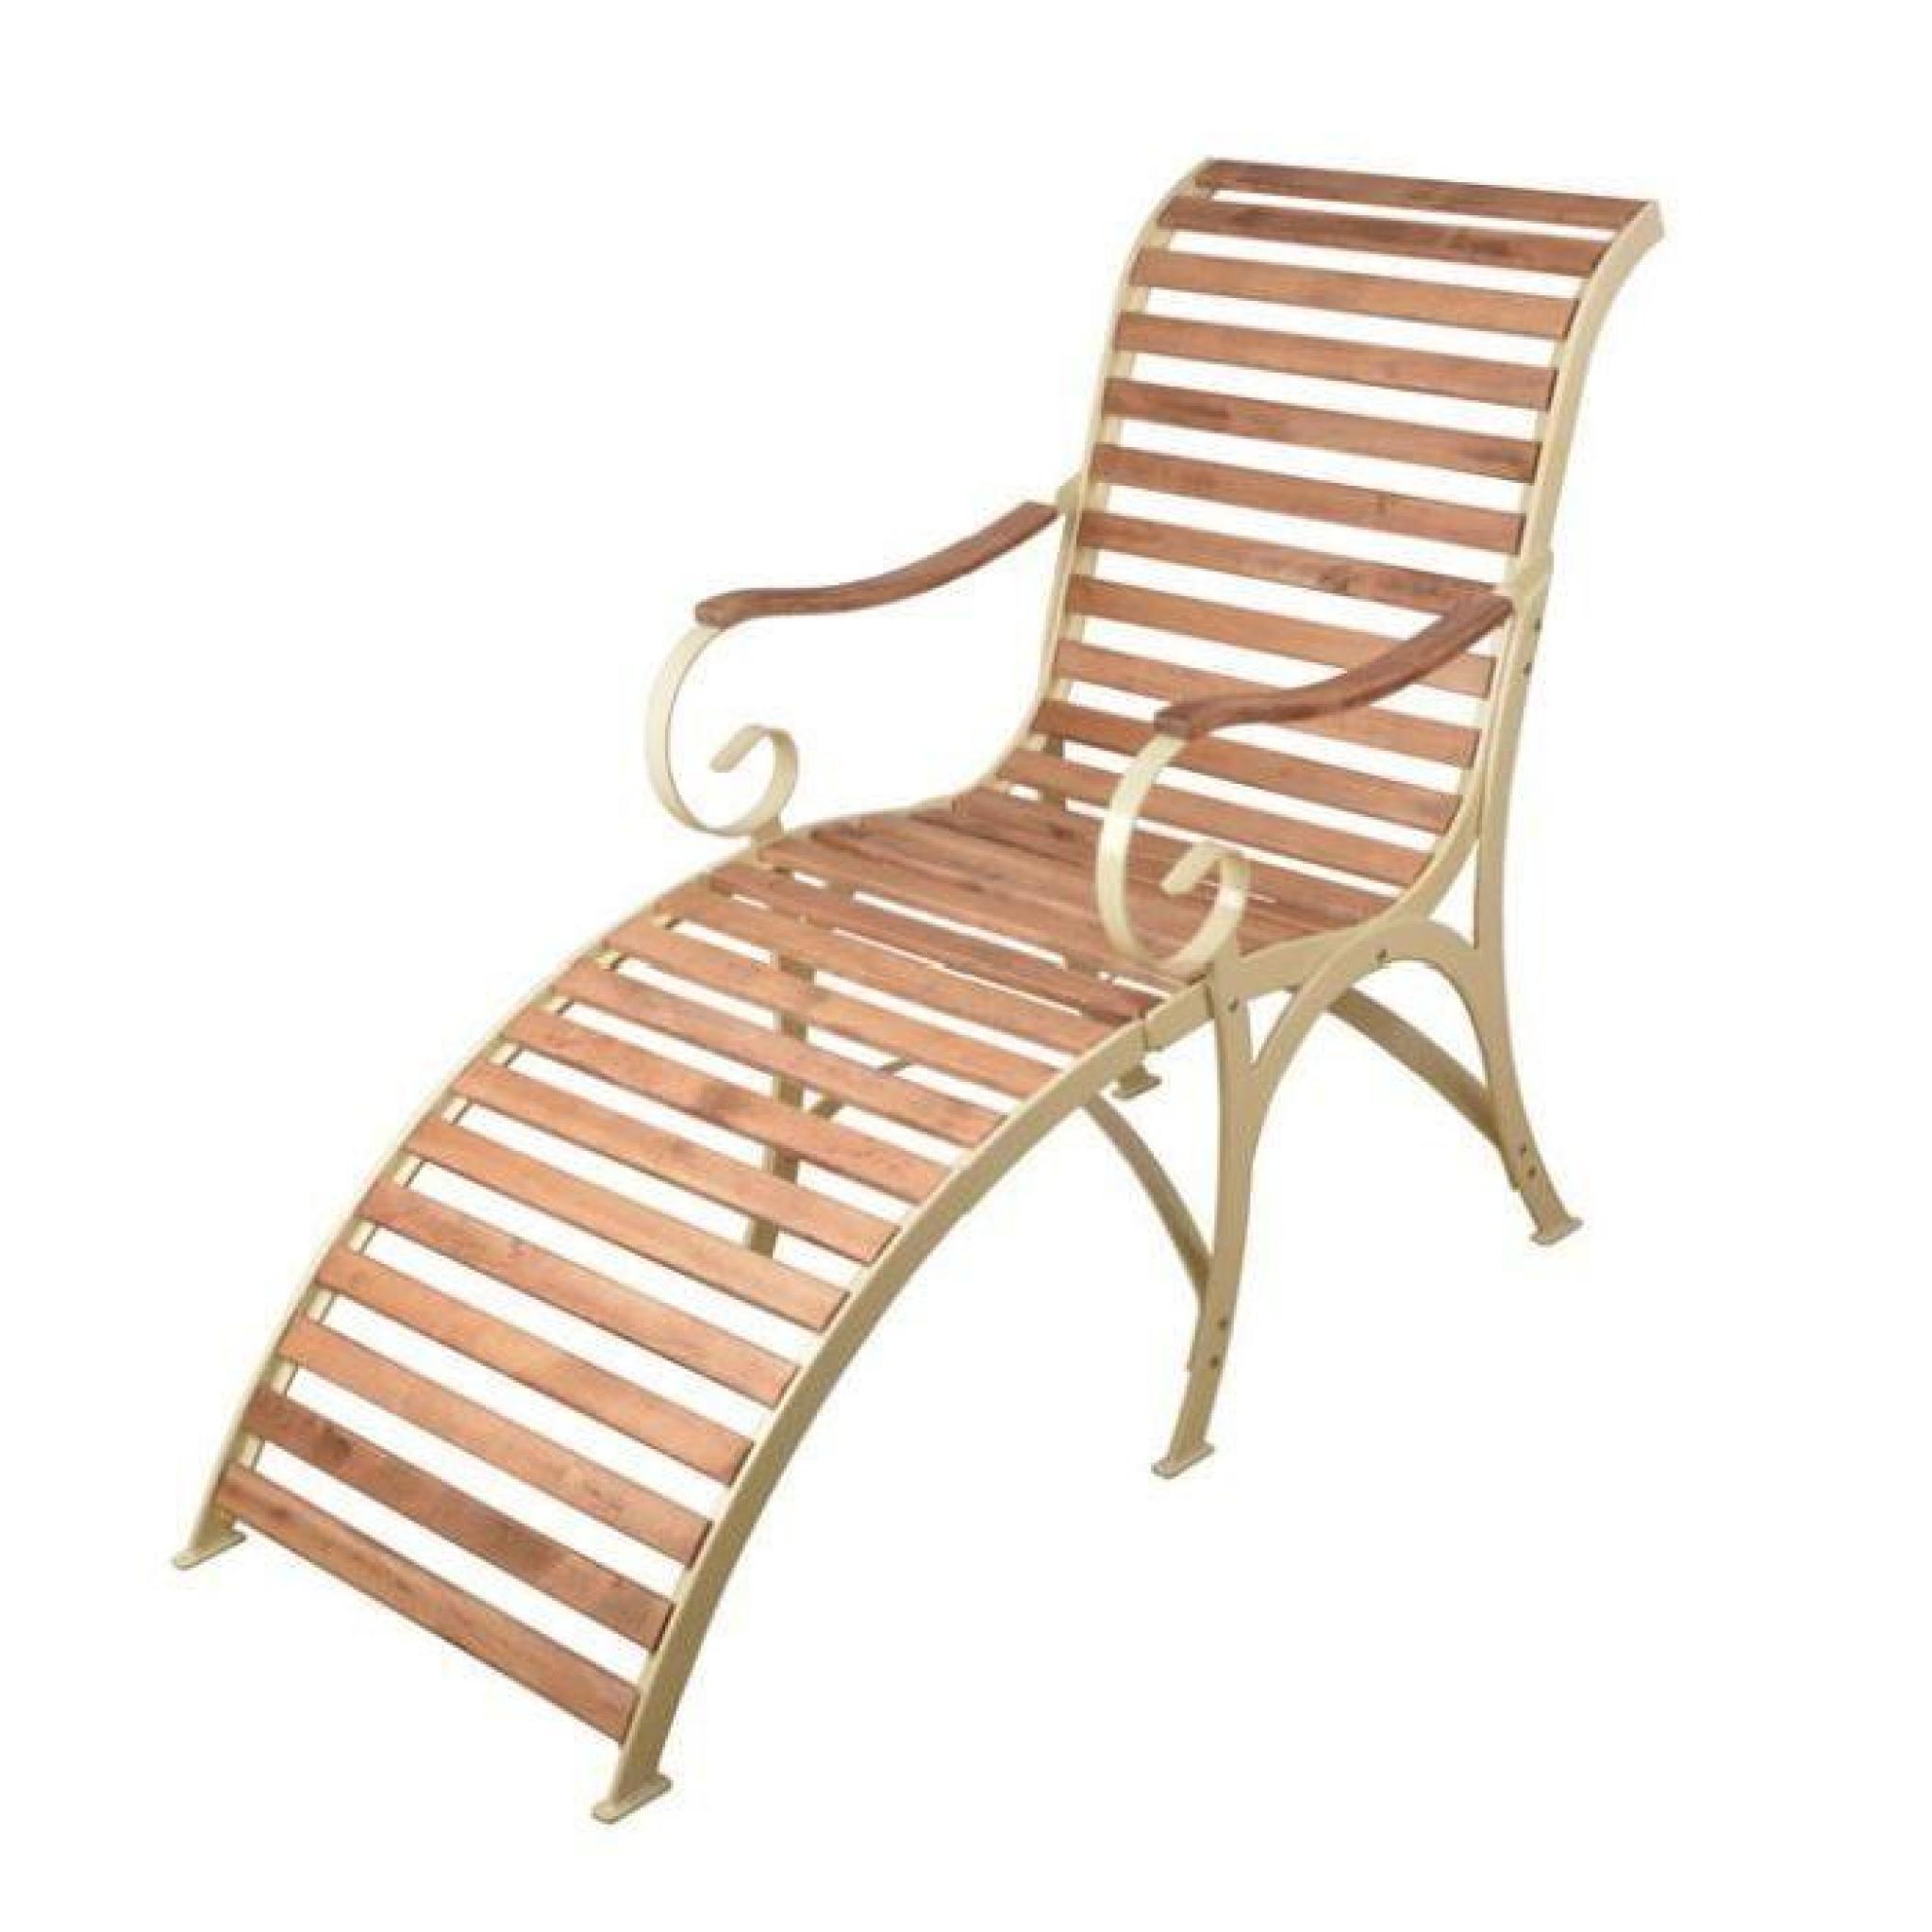 Chaise longue m tal cr me cr me bois achat vente - Chaise longue de jardin pas cher ...